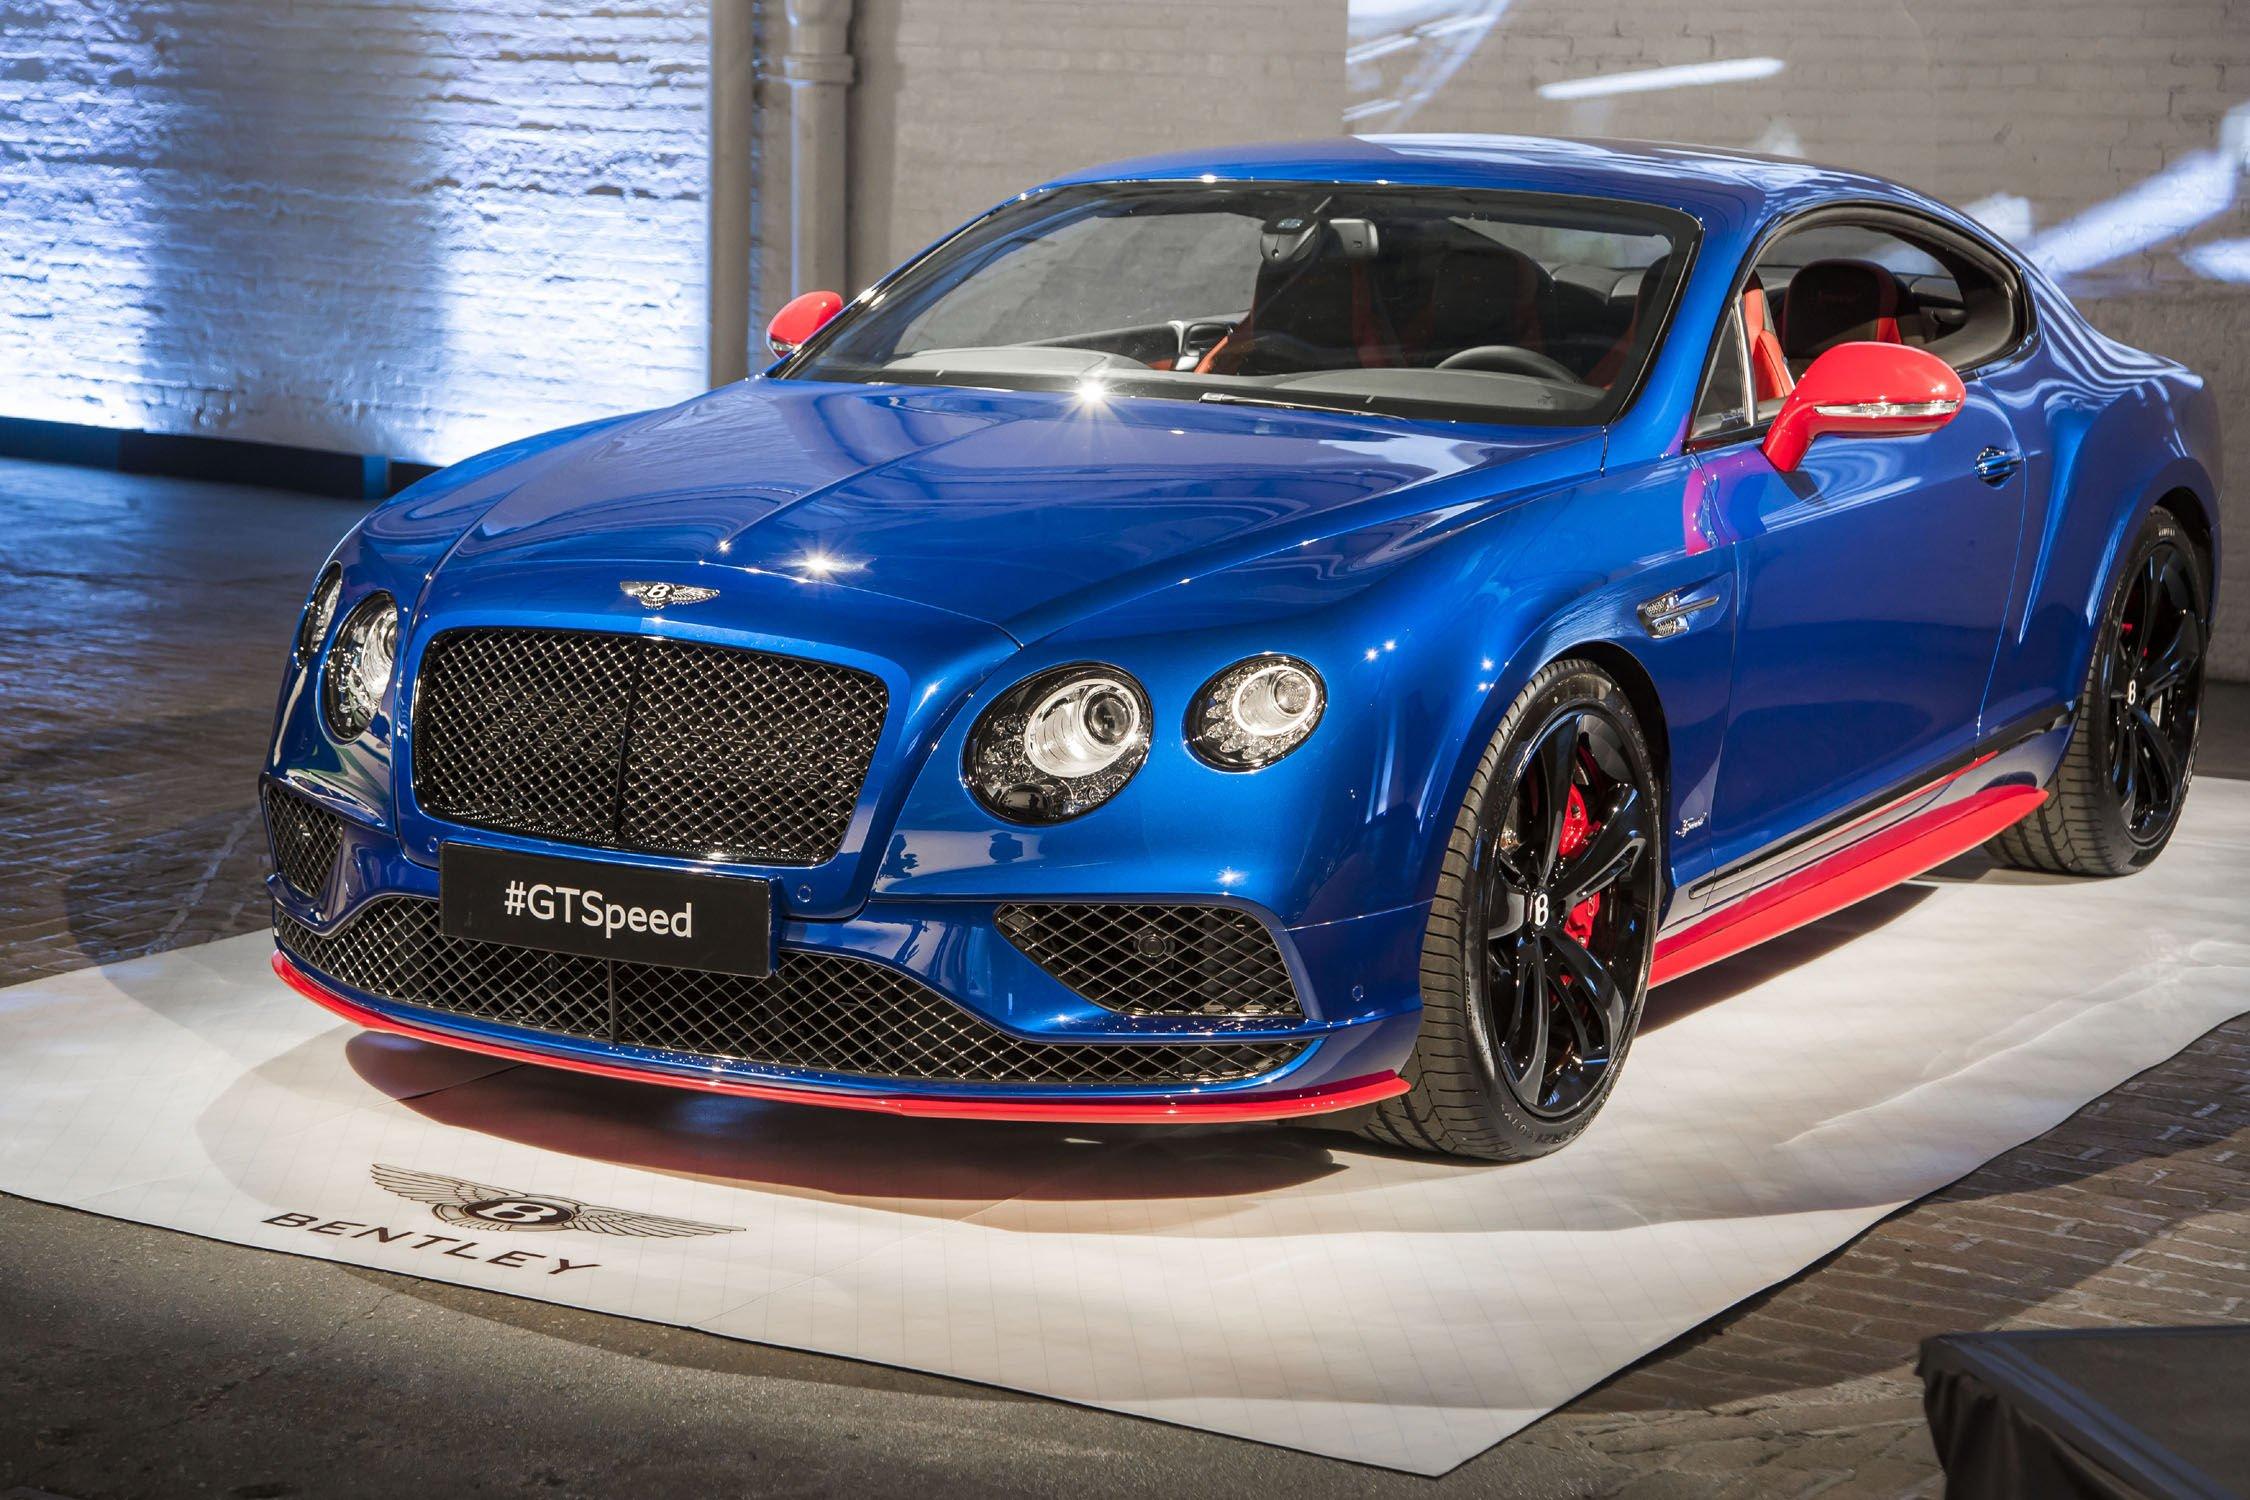 GT Speed et GT Speed cabriolet, sont toutes deux également proposées